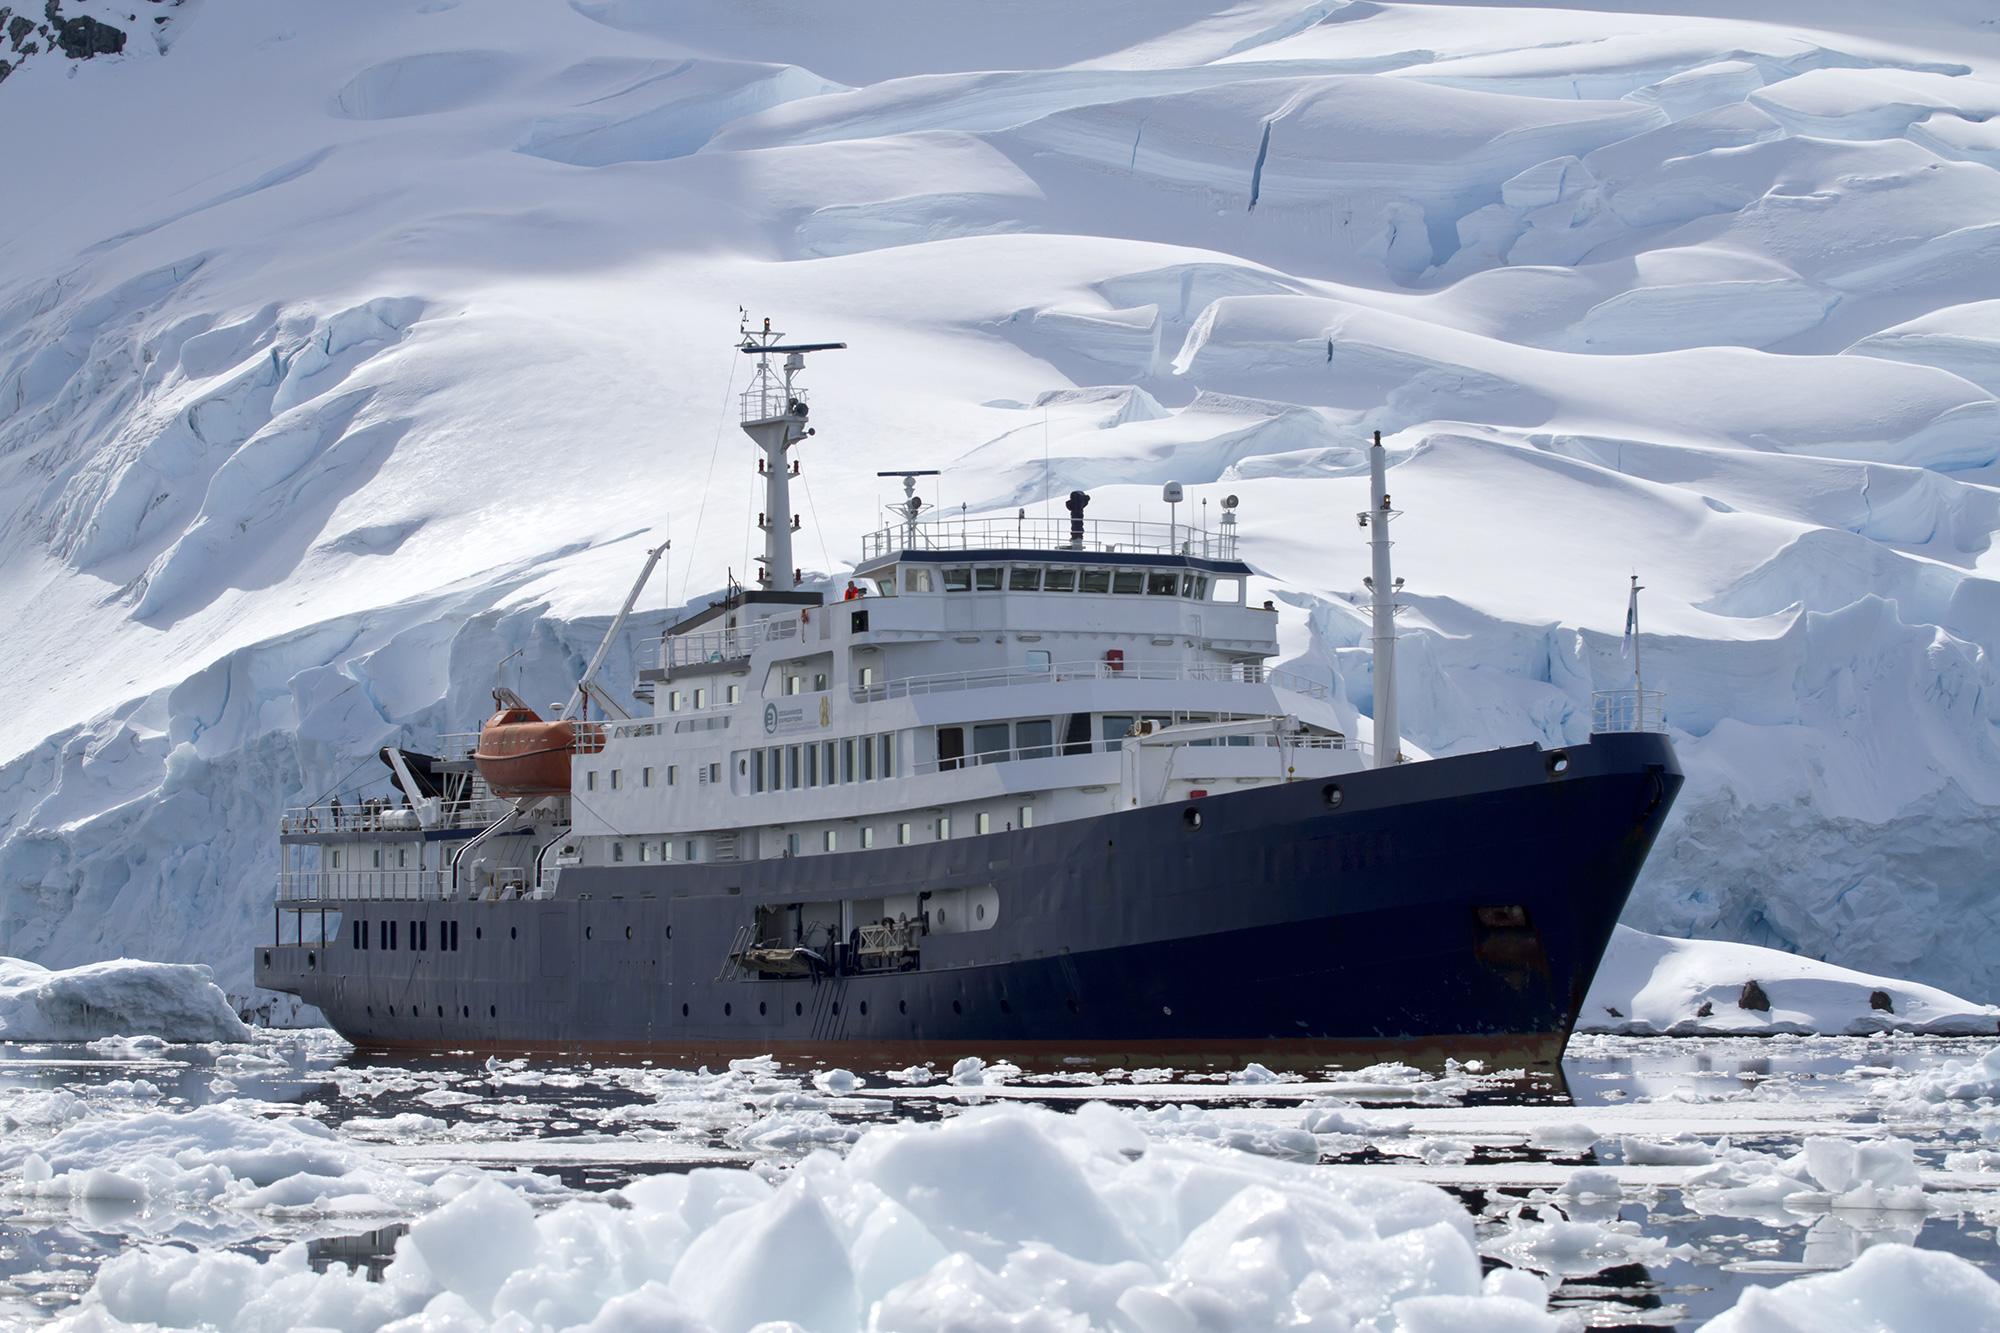 Faire une croisière dans l'antarctique